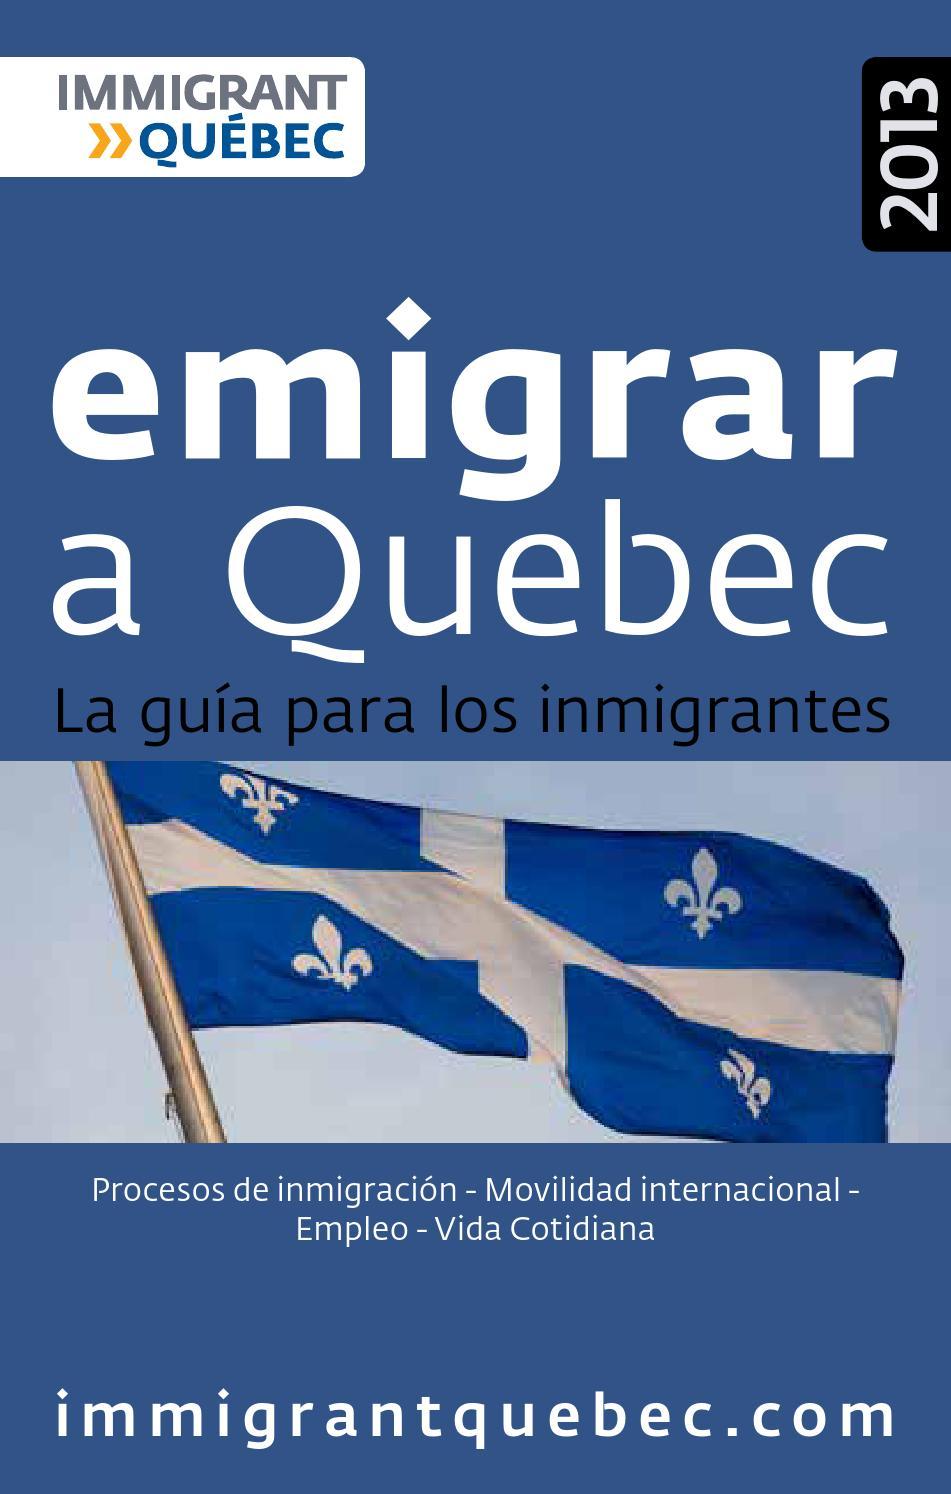 Emigrar a Quebec - La guía para los inmigrantes by Delphine Folliet ...